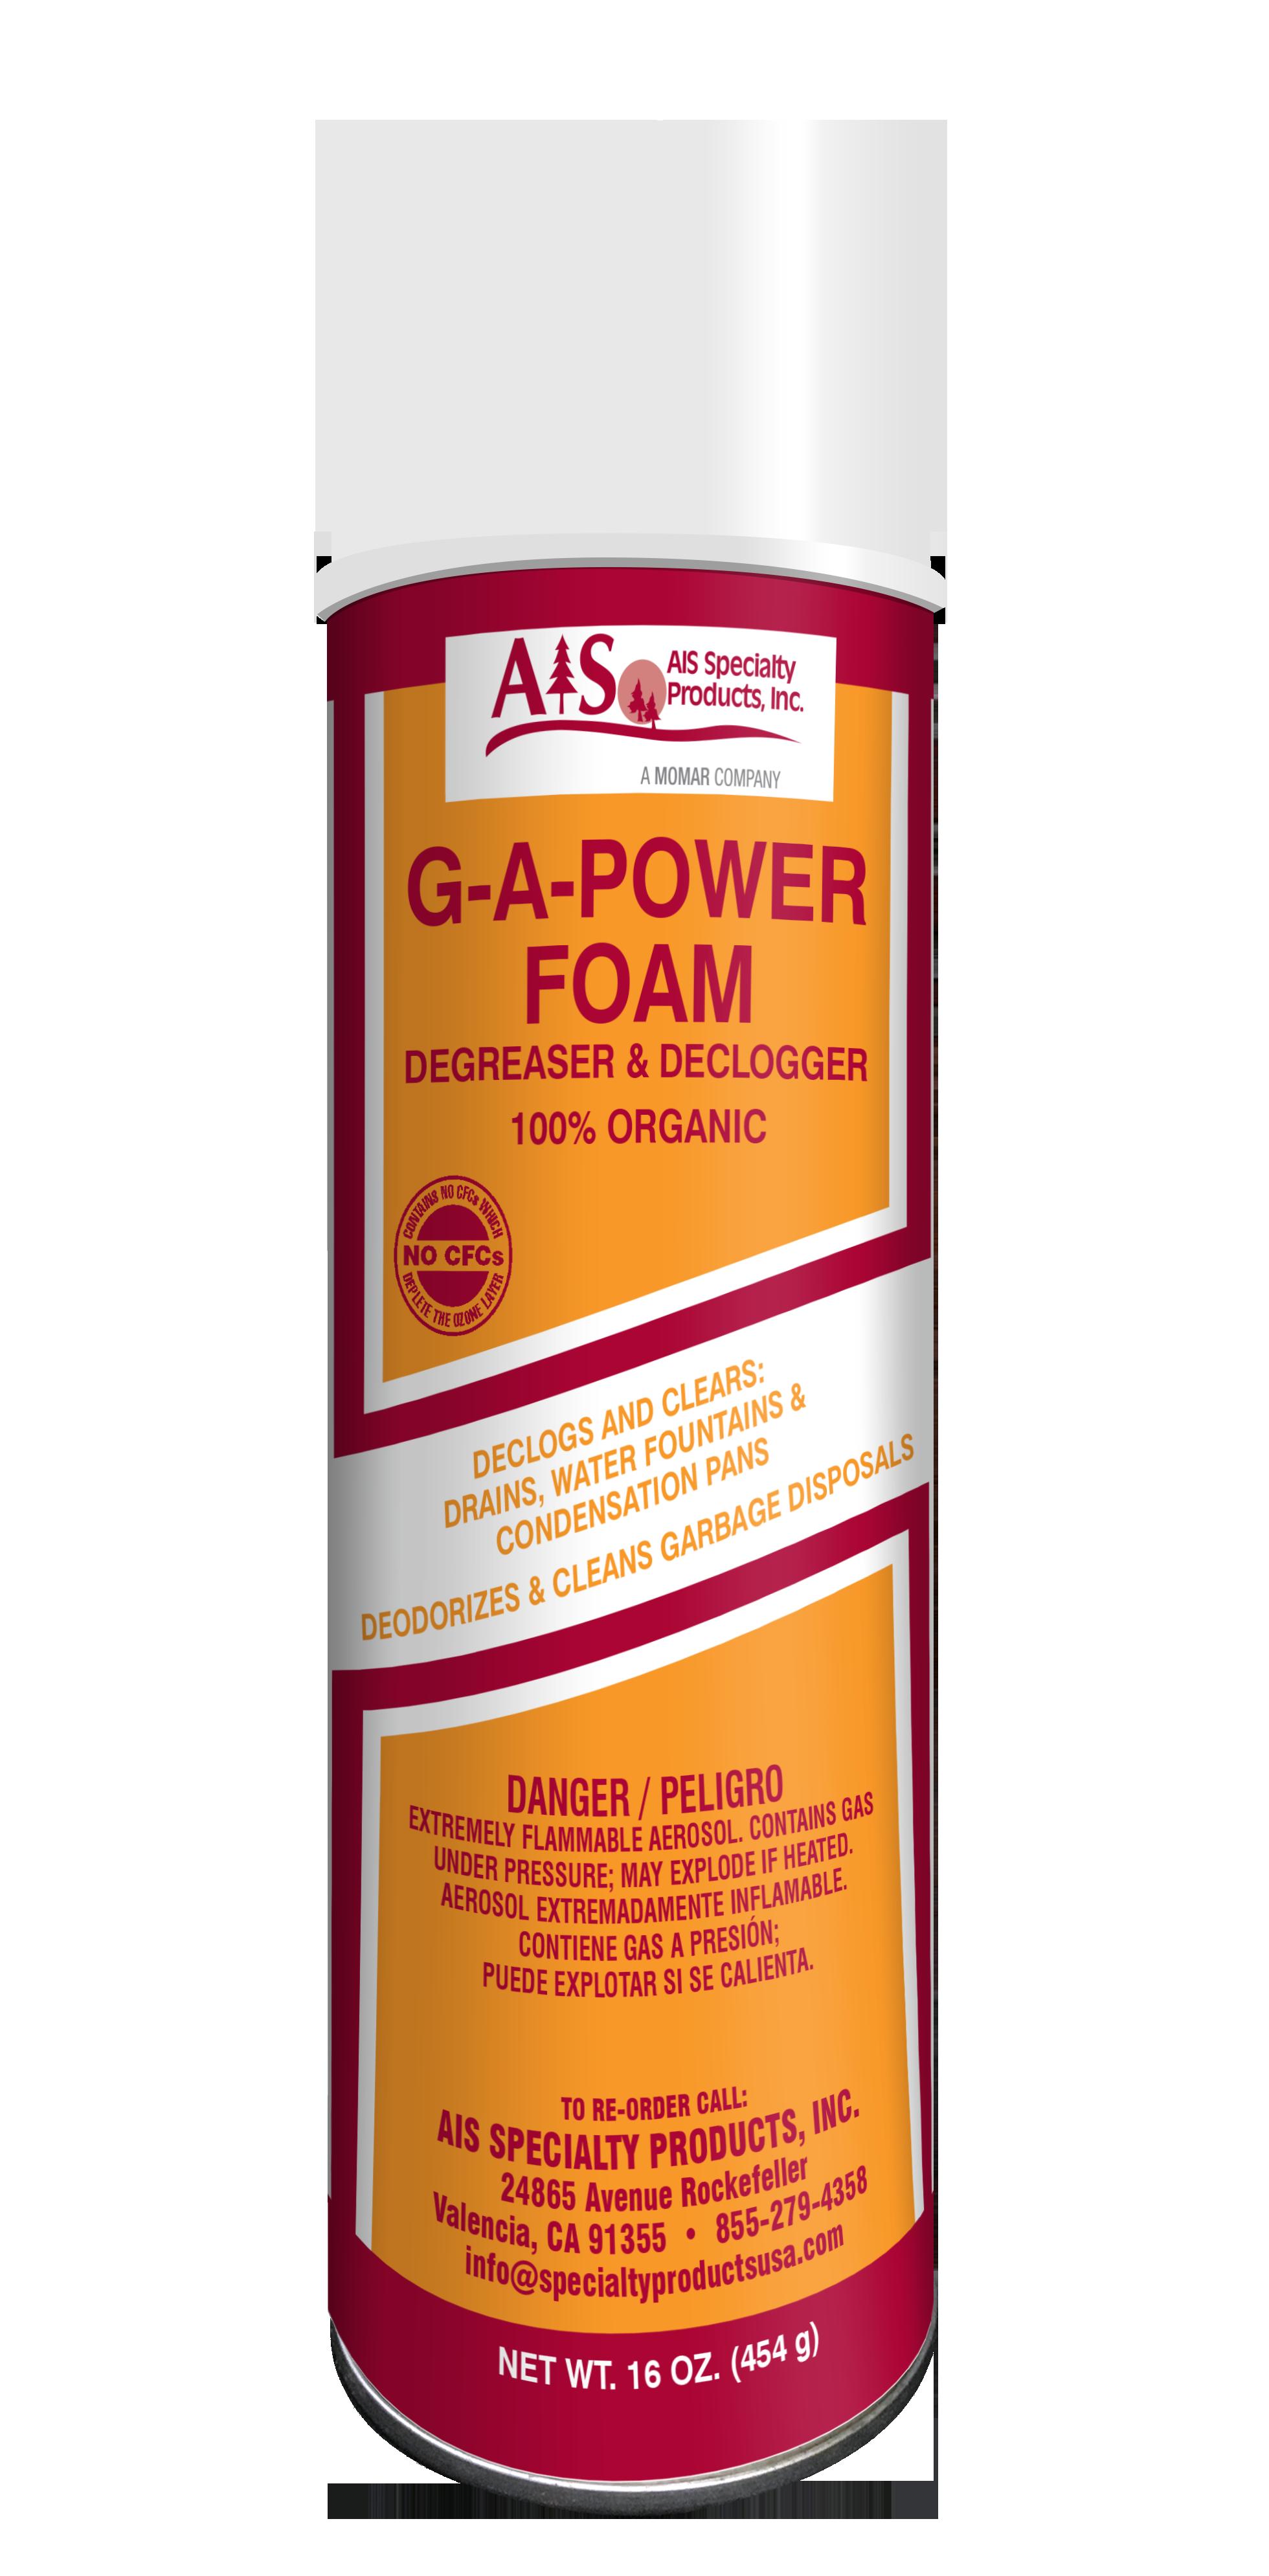 AIS G-A-POWER FOAM AEROSOL